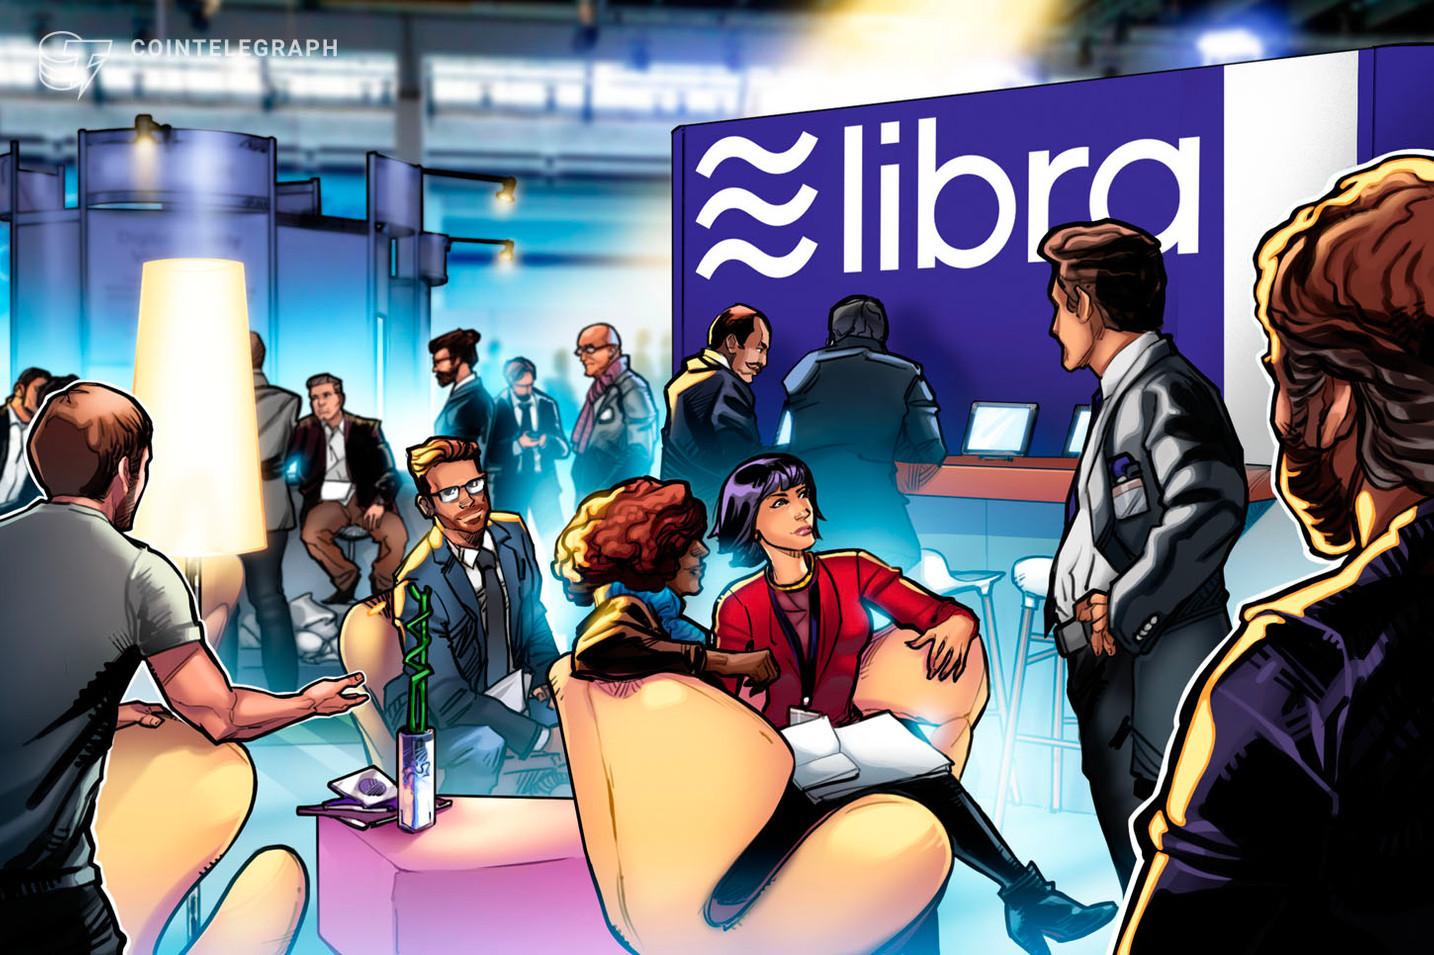 仮想通貨リブラ協会、米NPOヘイファー・インターナショナルが加盟